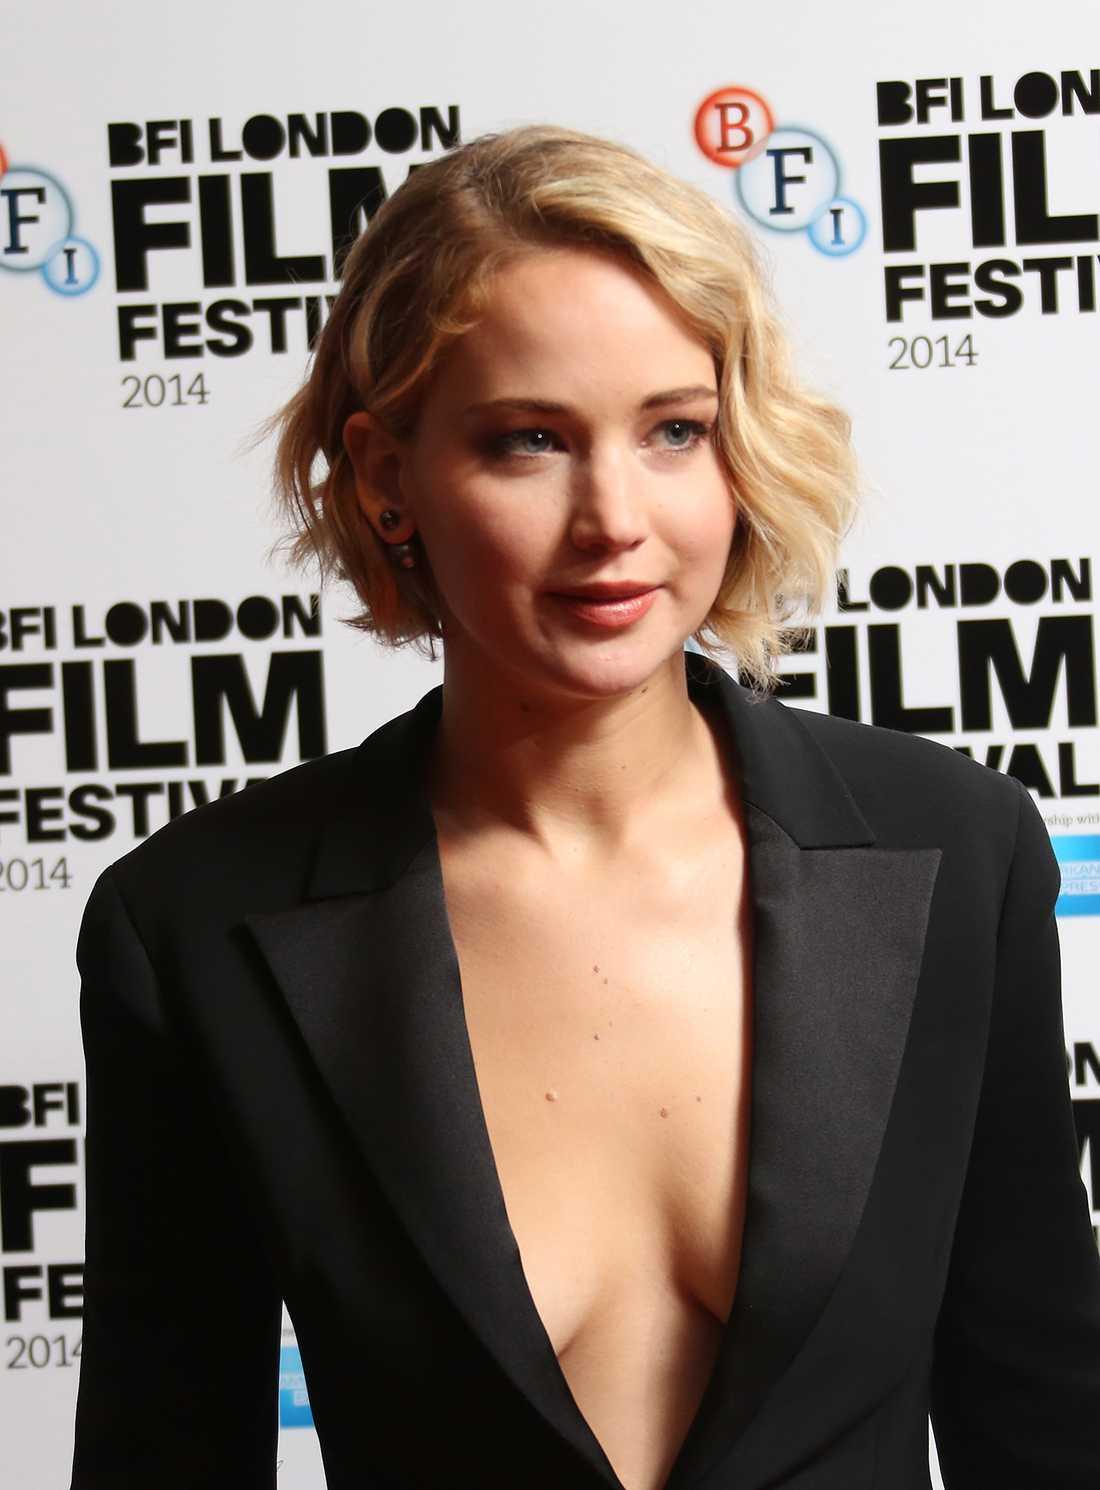 """Nominerad till bästa kvinnliga huvudroll: Jennifer Lawrence, """"Joy"""": – Jag beundrade hur osjälvisk Joy är. Hon la alla sina aspirationer och skicklighet åt sidan för att hjälpa dem hon älskar. Och jag gillade hennes tyglade kraft som jag kände när jag träffade henne. Den inspirerade mig mycket."""